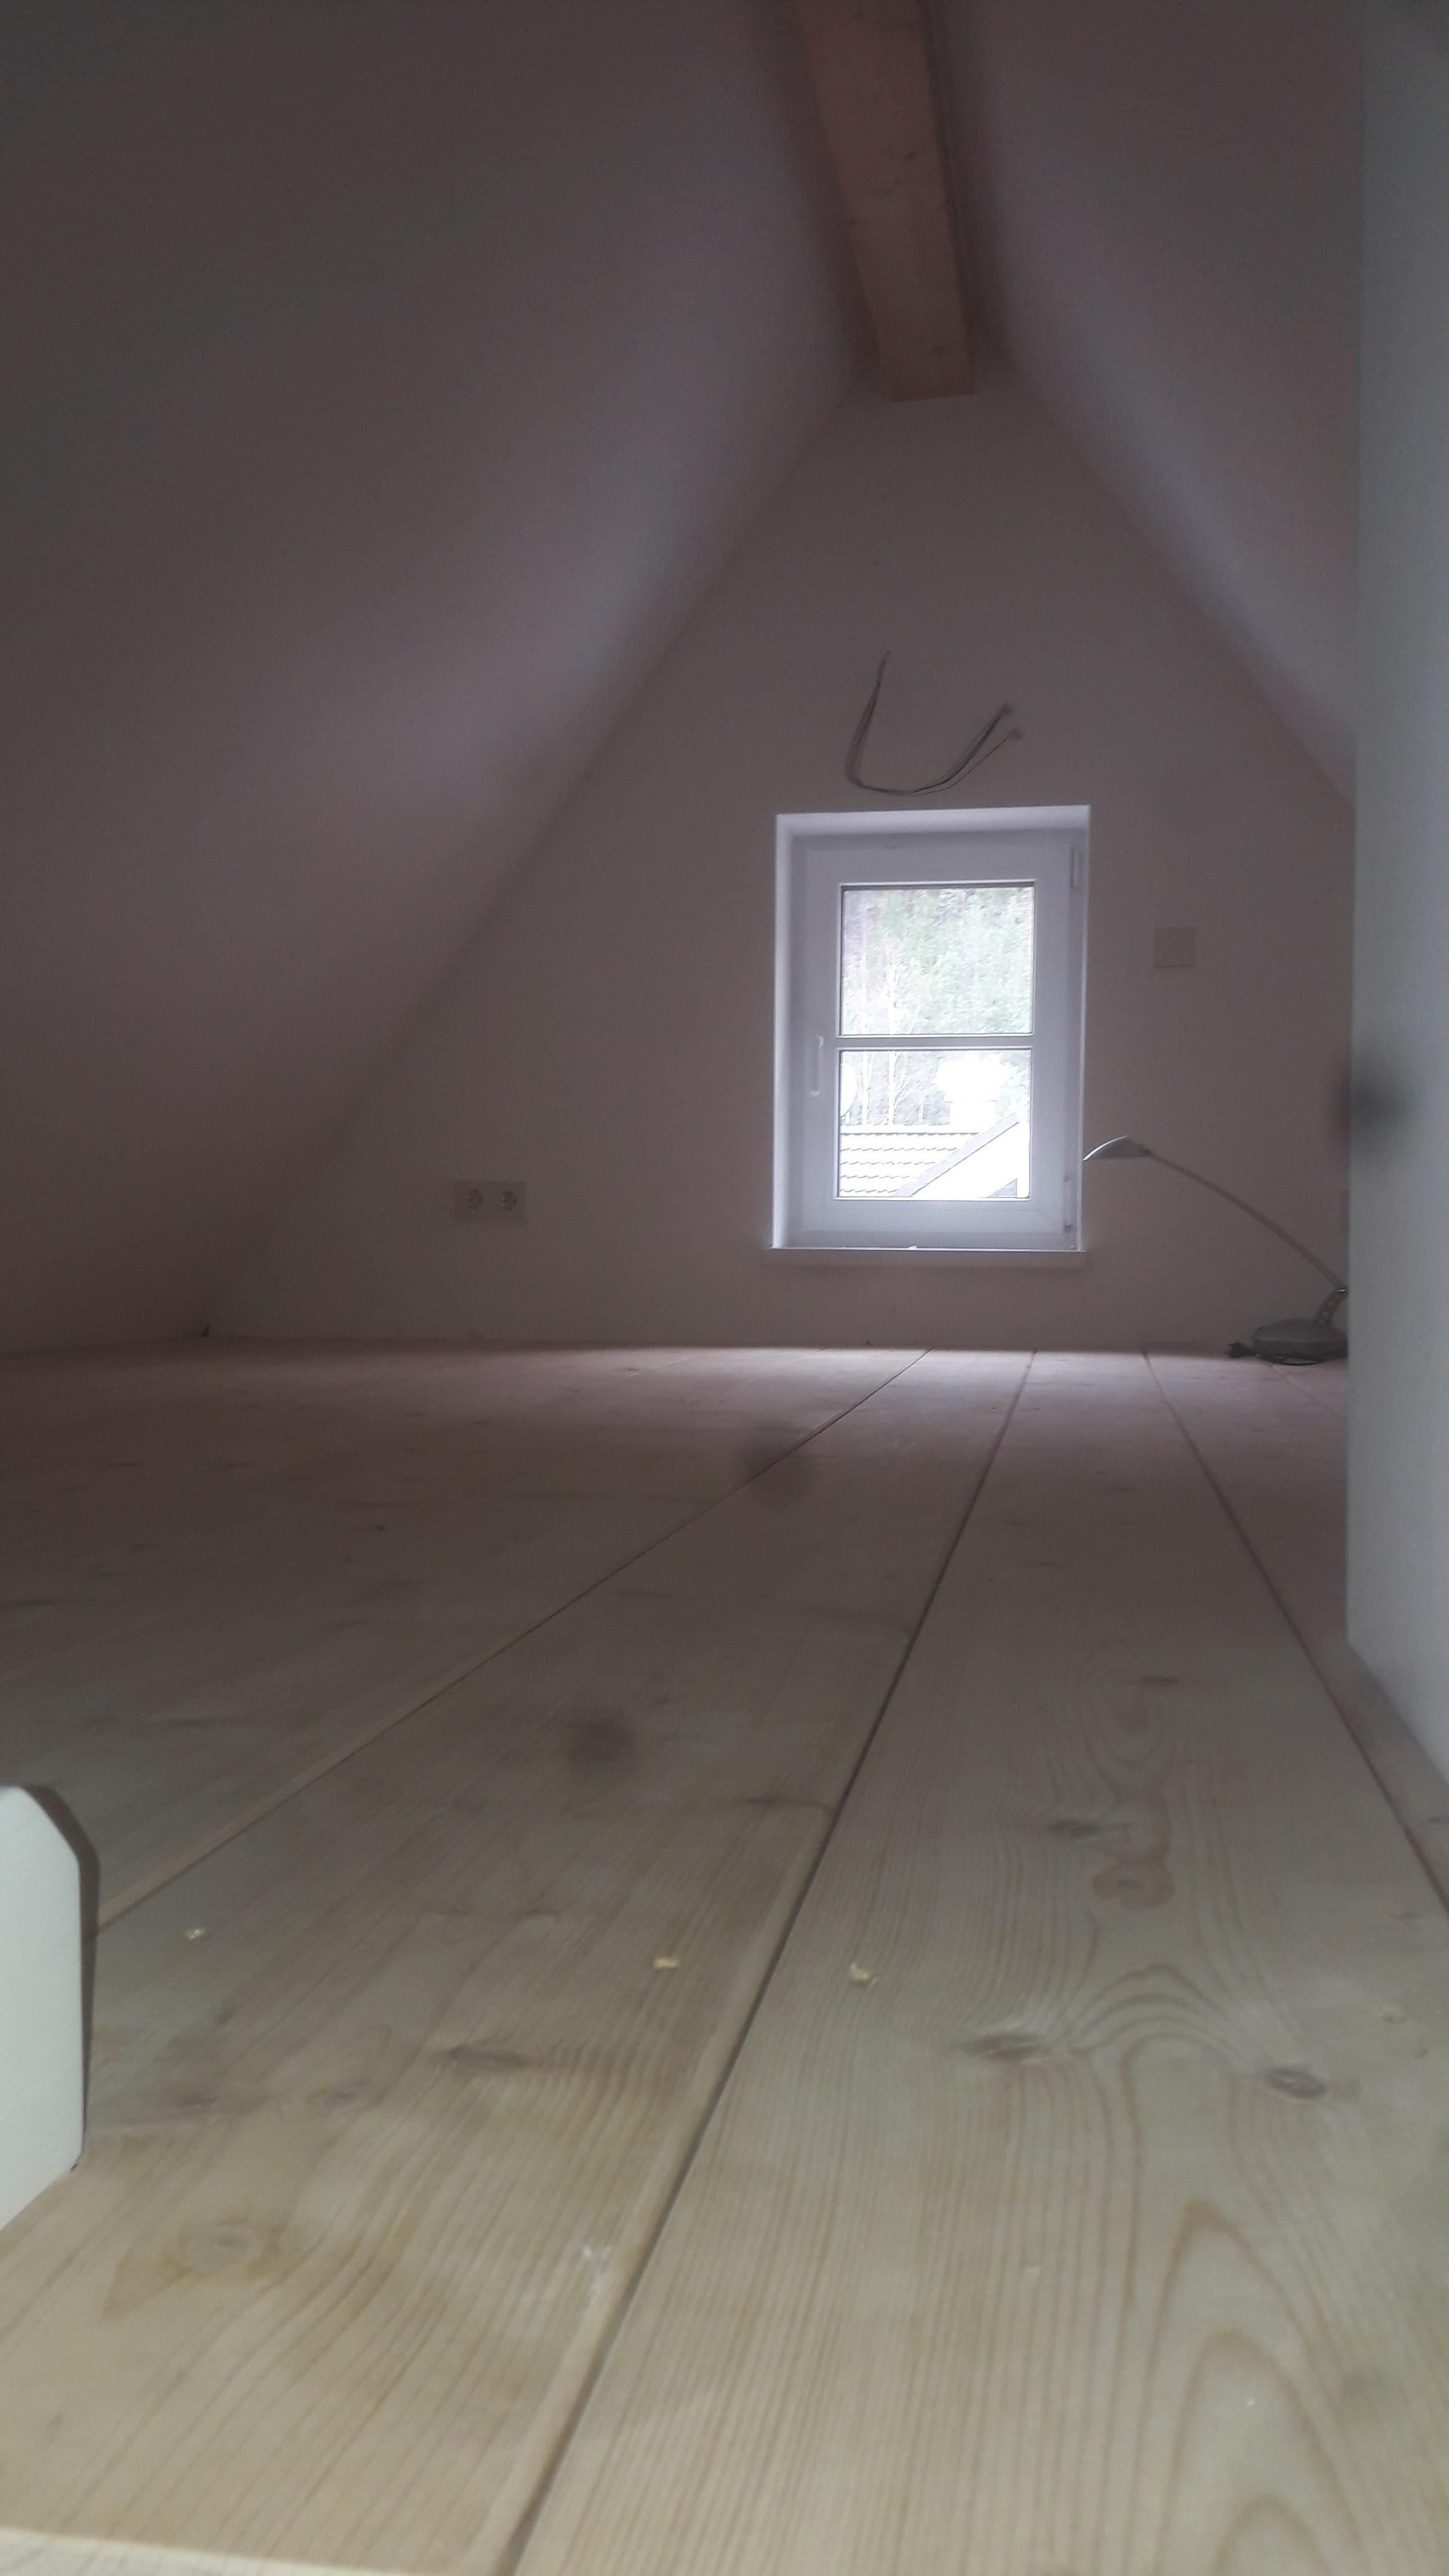 dachboden ausbauen vorher nachher 2488 made house decor. Black Bedroom Furniture Sets. Home Design Ideas